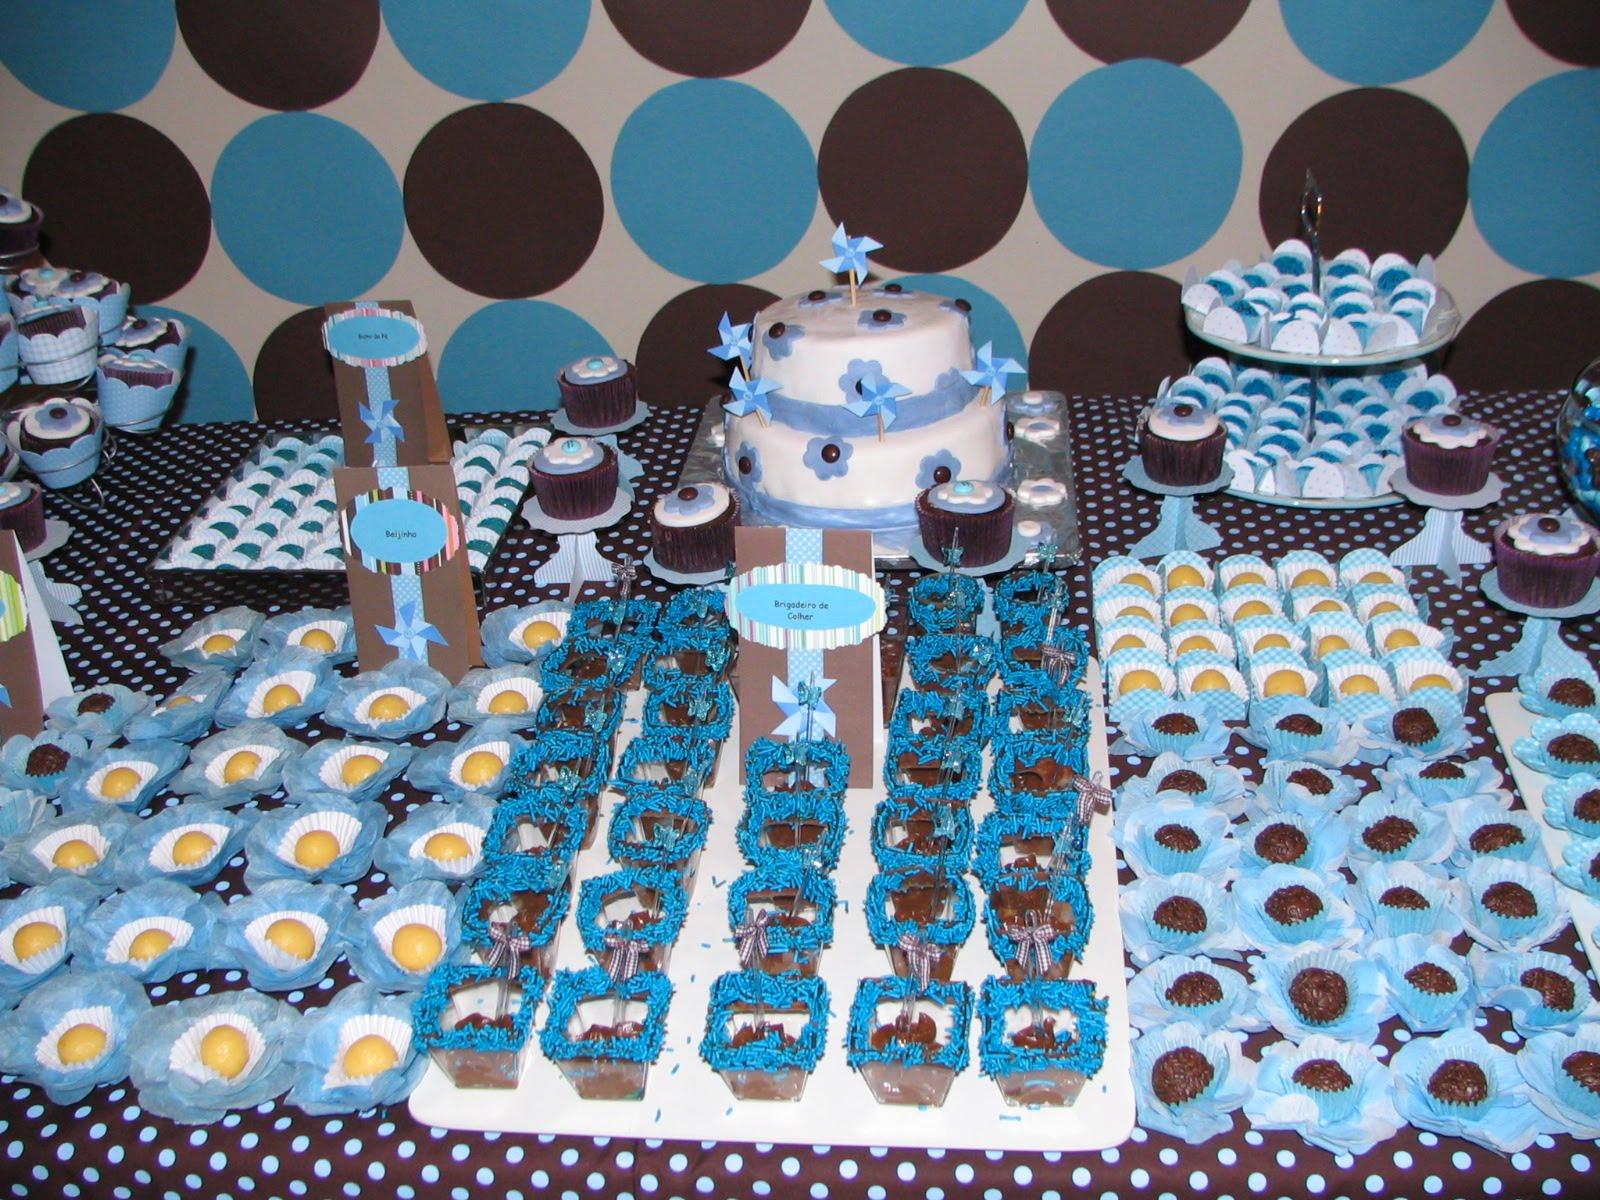 decoracao festa urso azul e marrom: : AZUL COM POÁS (BOLINHAS) NA COR MARROM: FESTA E DECORAÇÃO